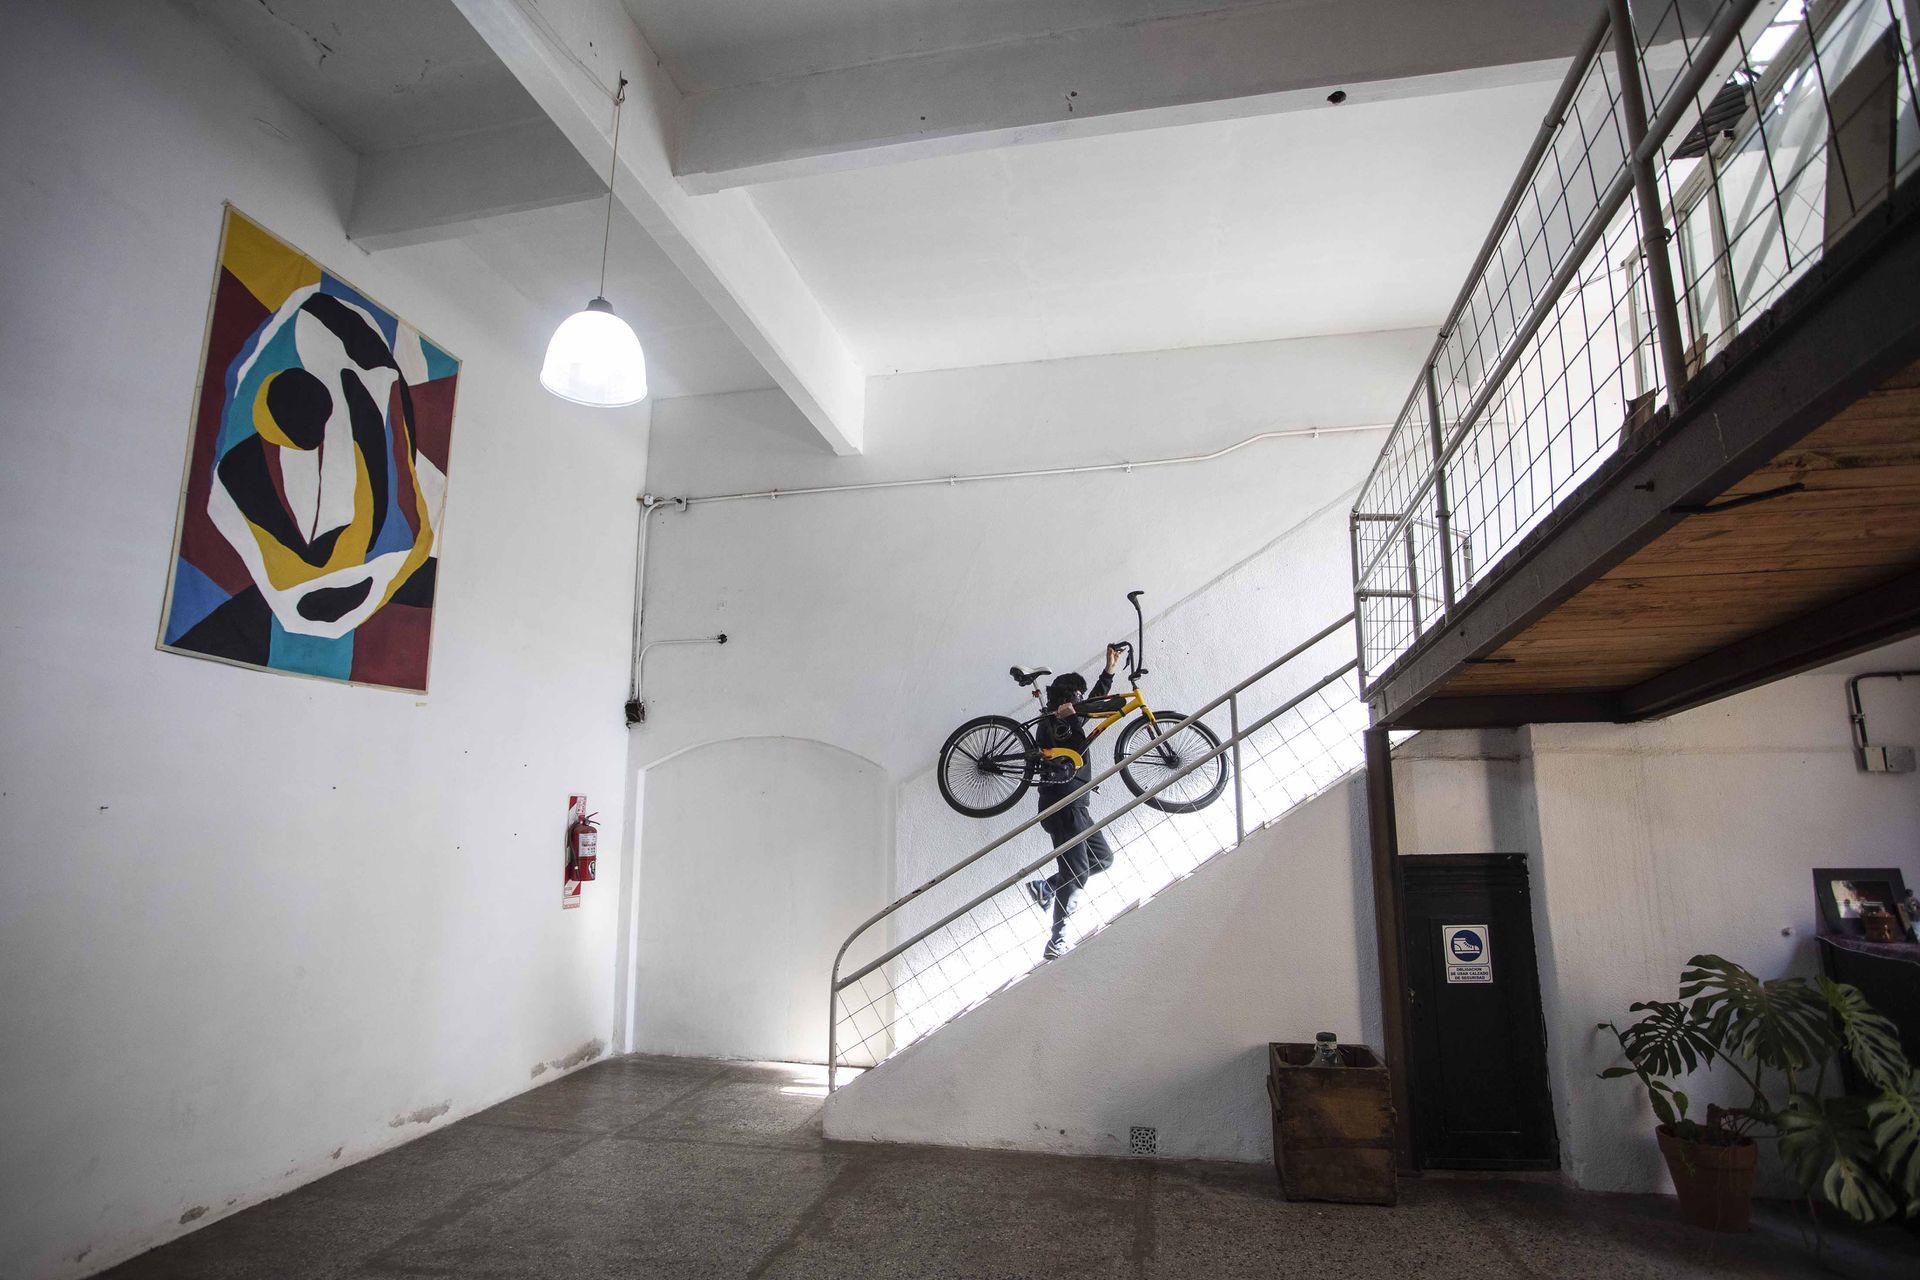 Dame Morales, muralista y graffitero, en los espacios comunes de Deofi Estudio